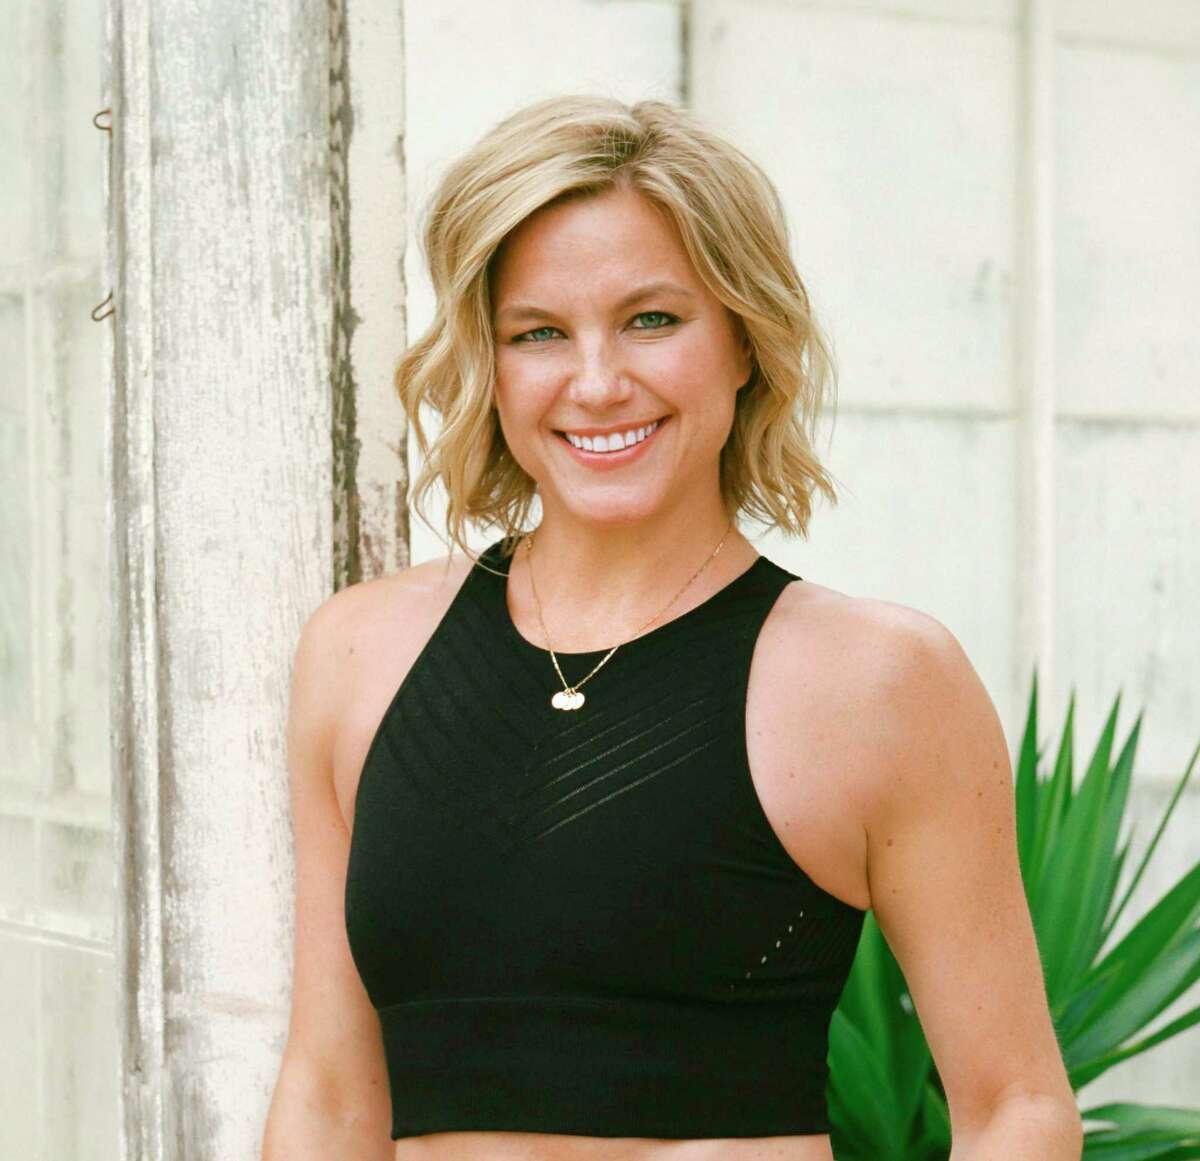 Liz Plosser, Women's Health Editor-in-Chief